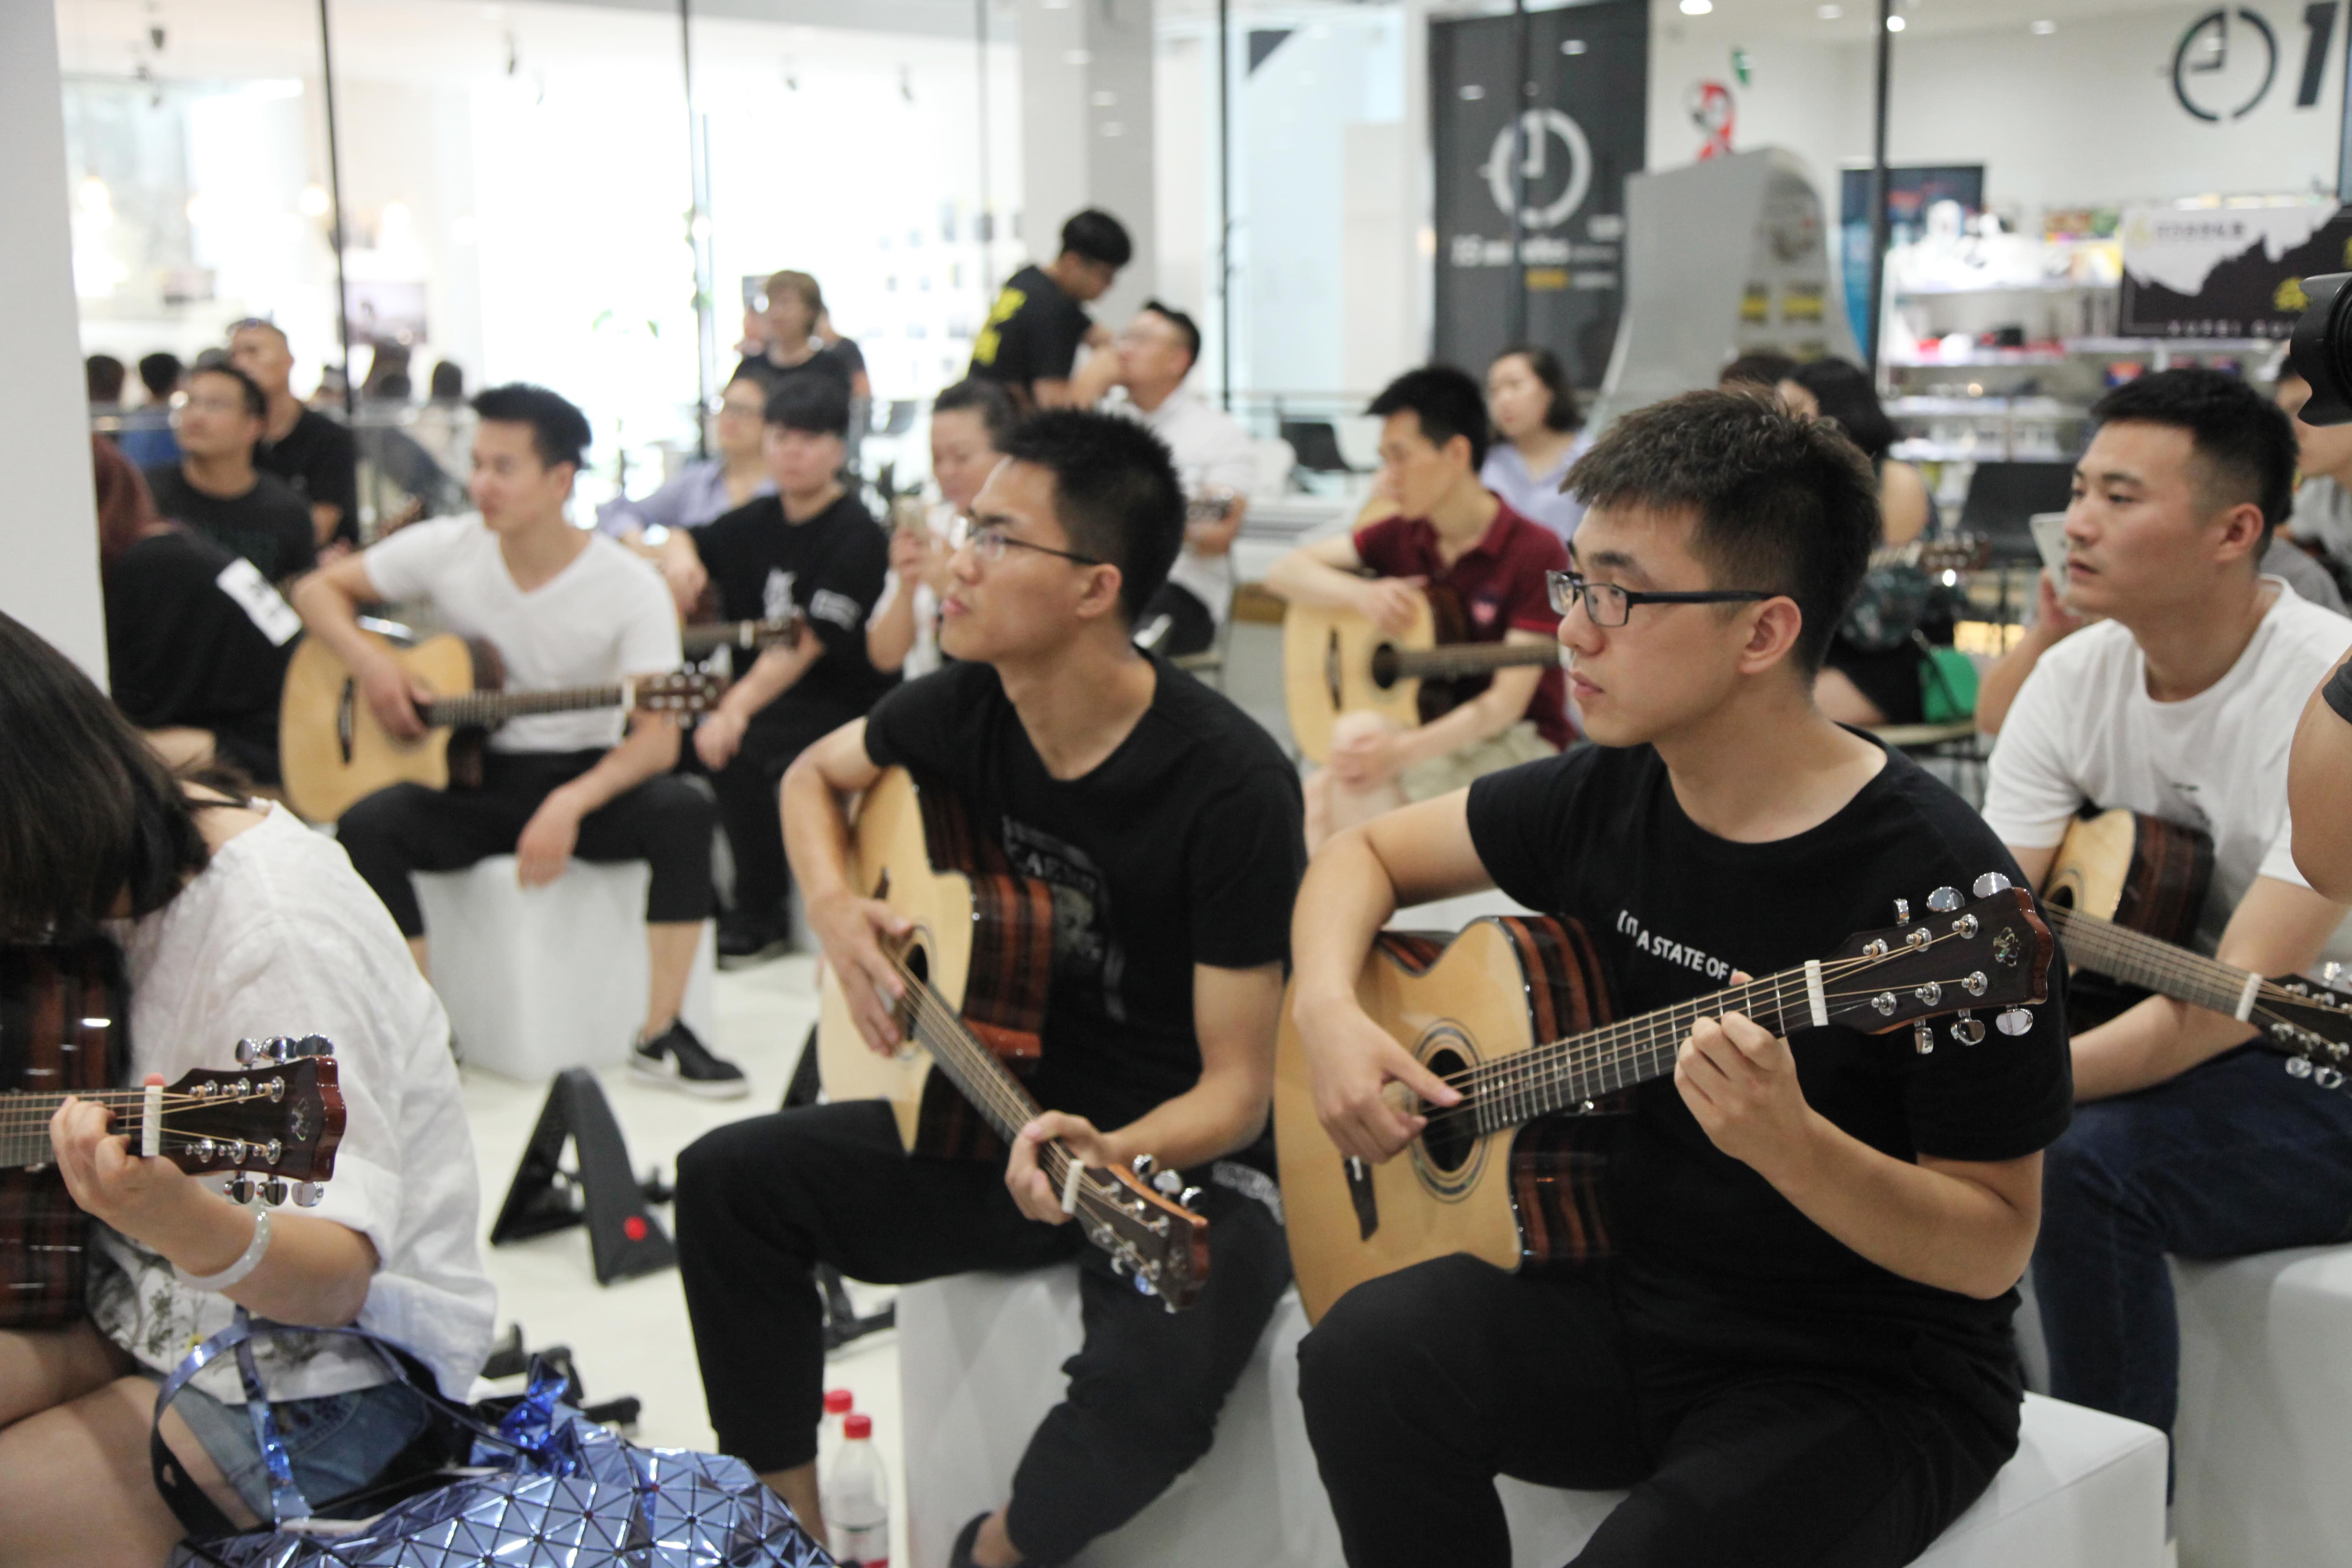 许飞梦想吉他首发亮相 冲破市场为公益